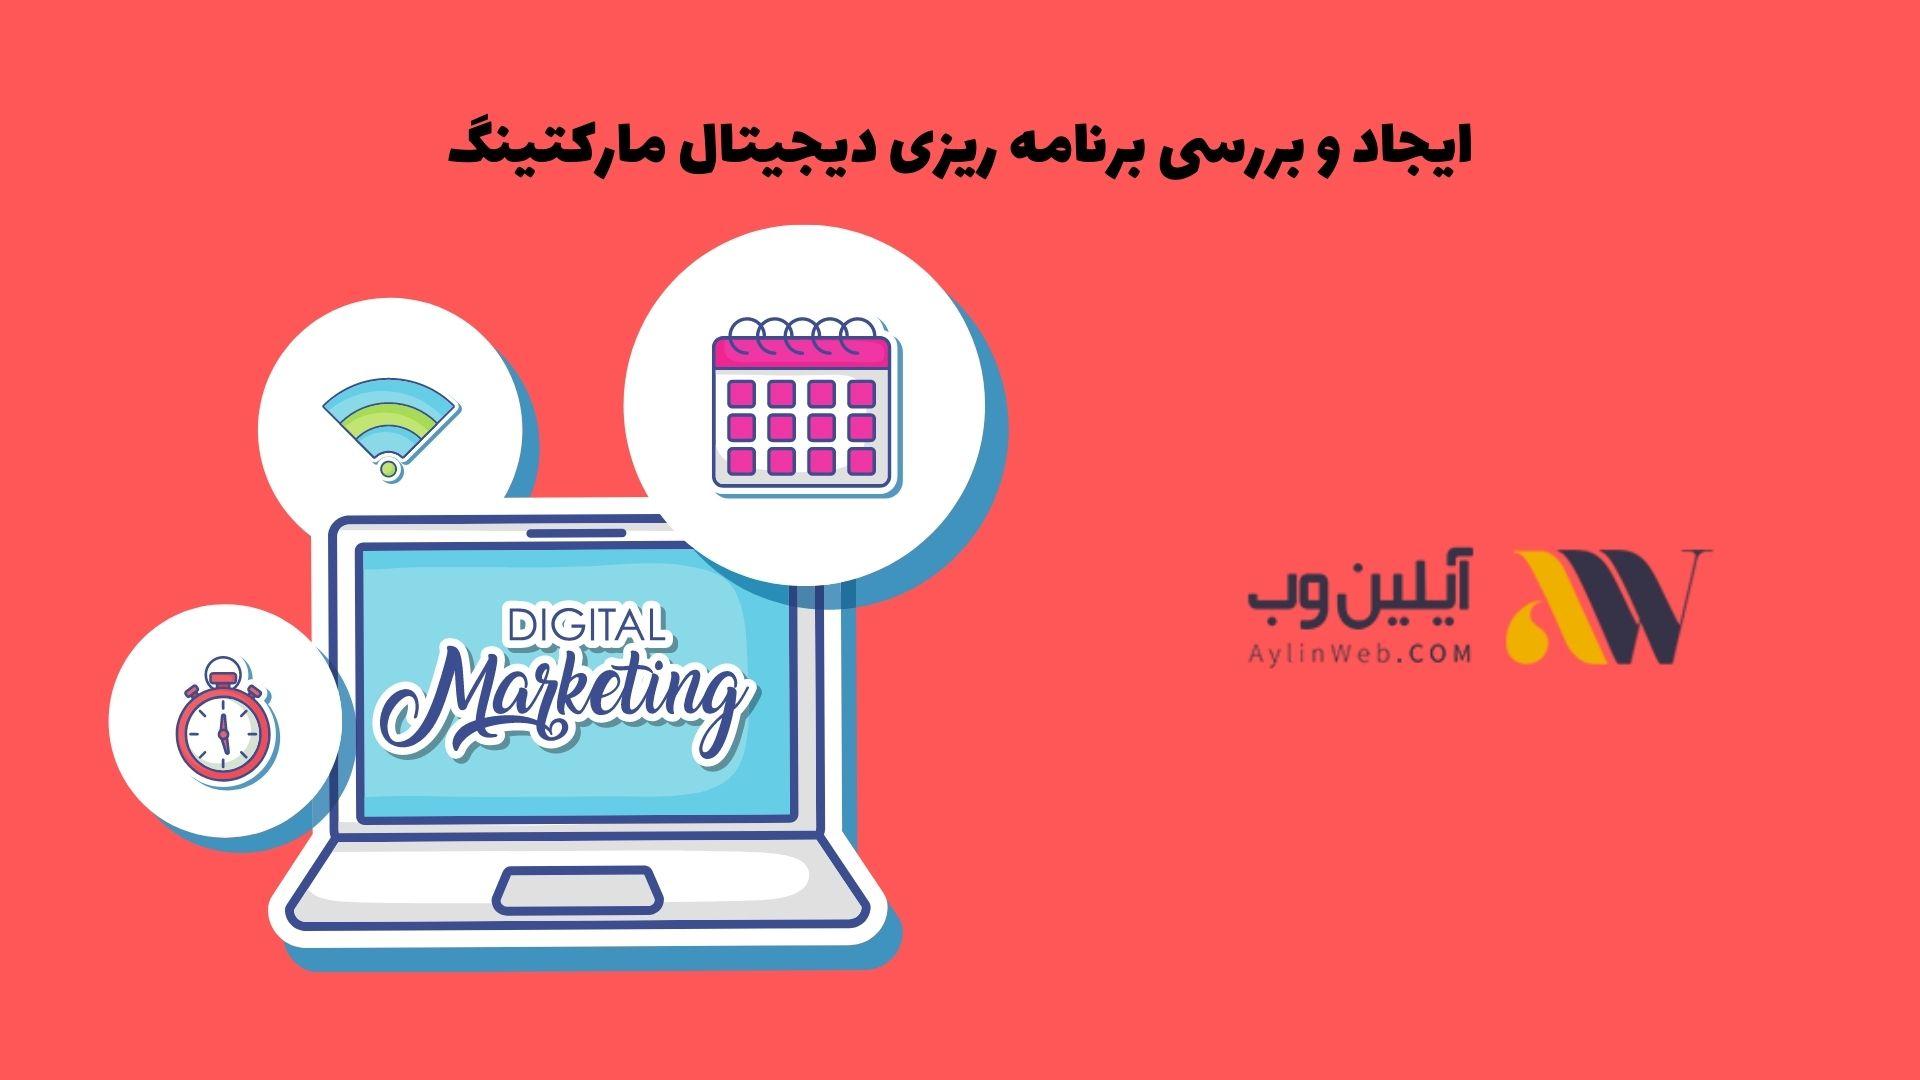 ایجاد و بررسی برنامه ریزی دیجیتال مارکتینگ